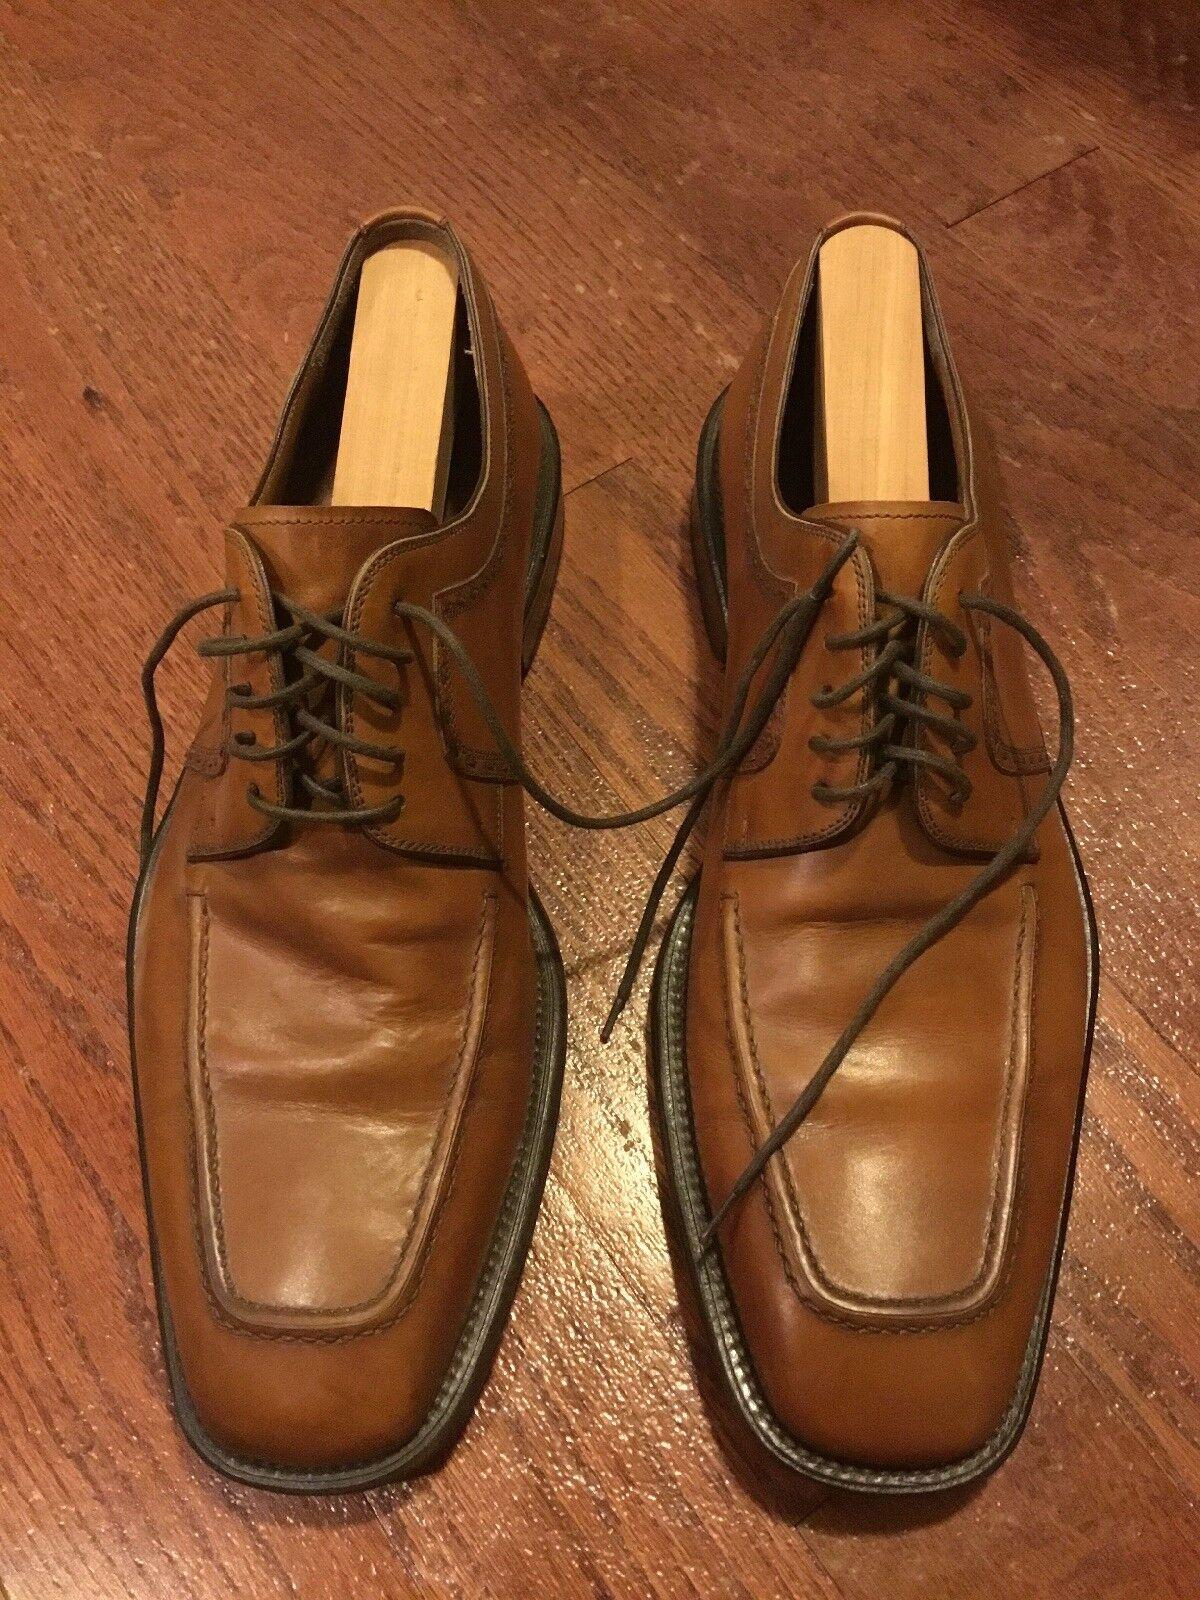 varie dimensioni Uomo Magnanni Marrone Leather Leather Leather Oxford scarpe Dimensione 43.5 10 Lace Up with scarpe Horns  scelte con prezzo basso